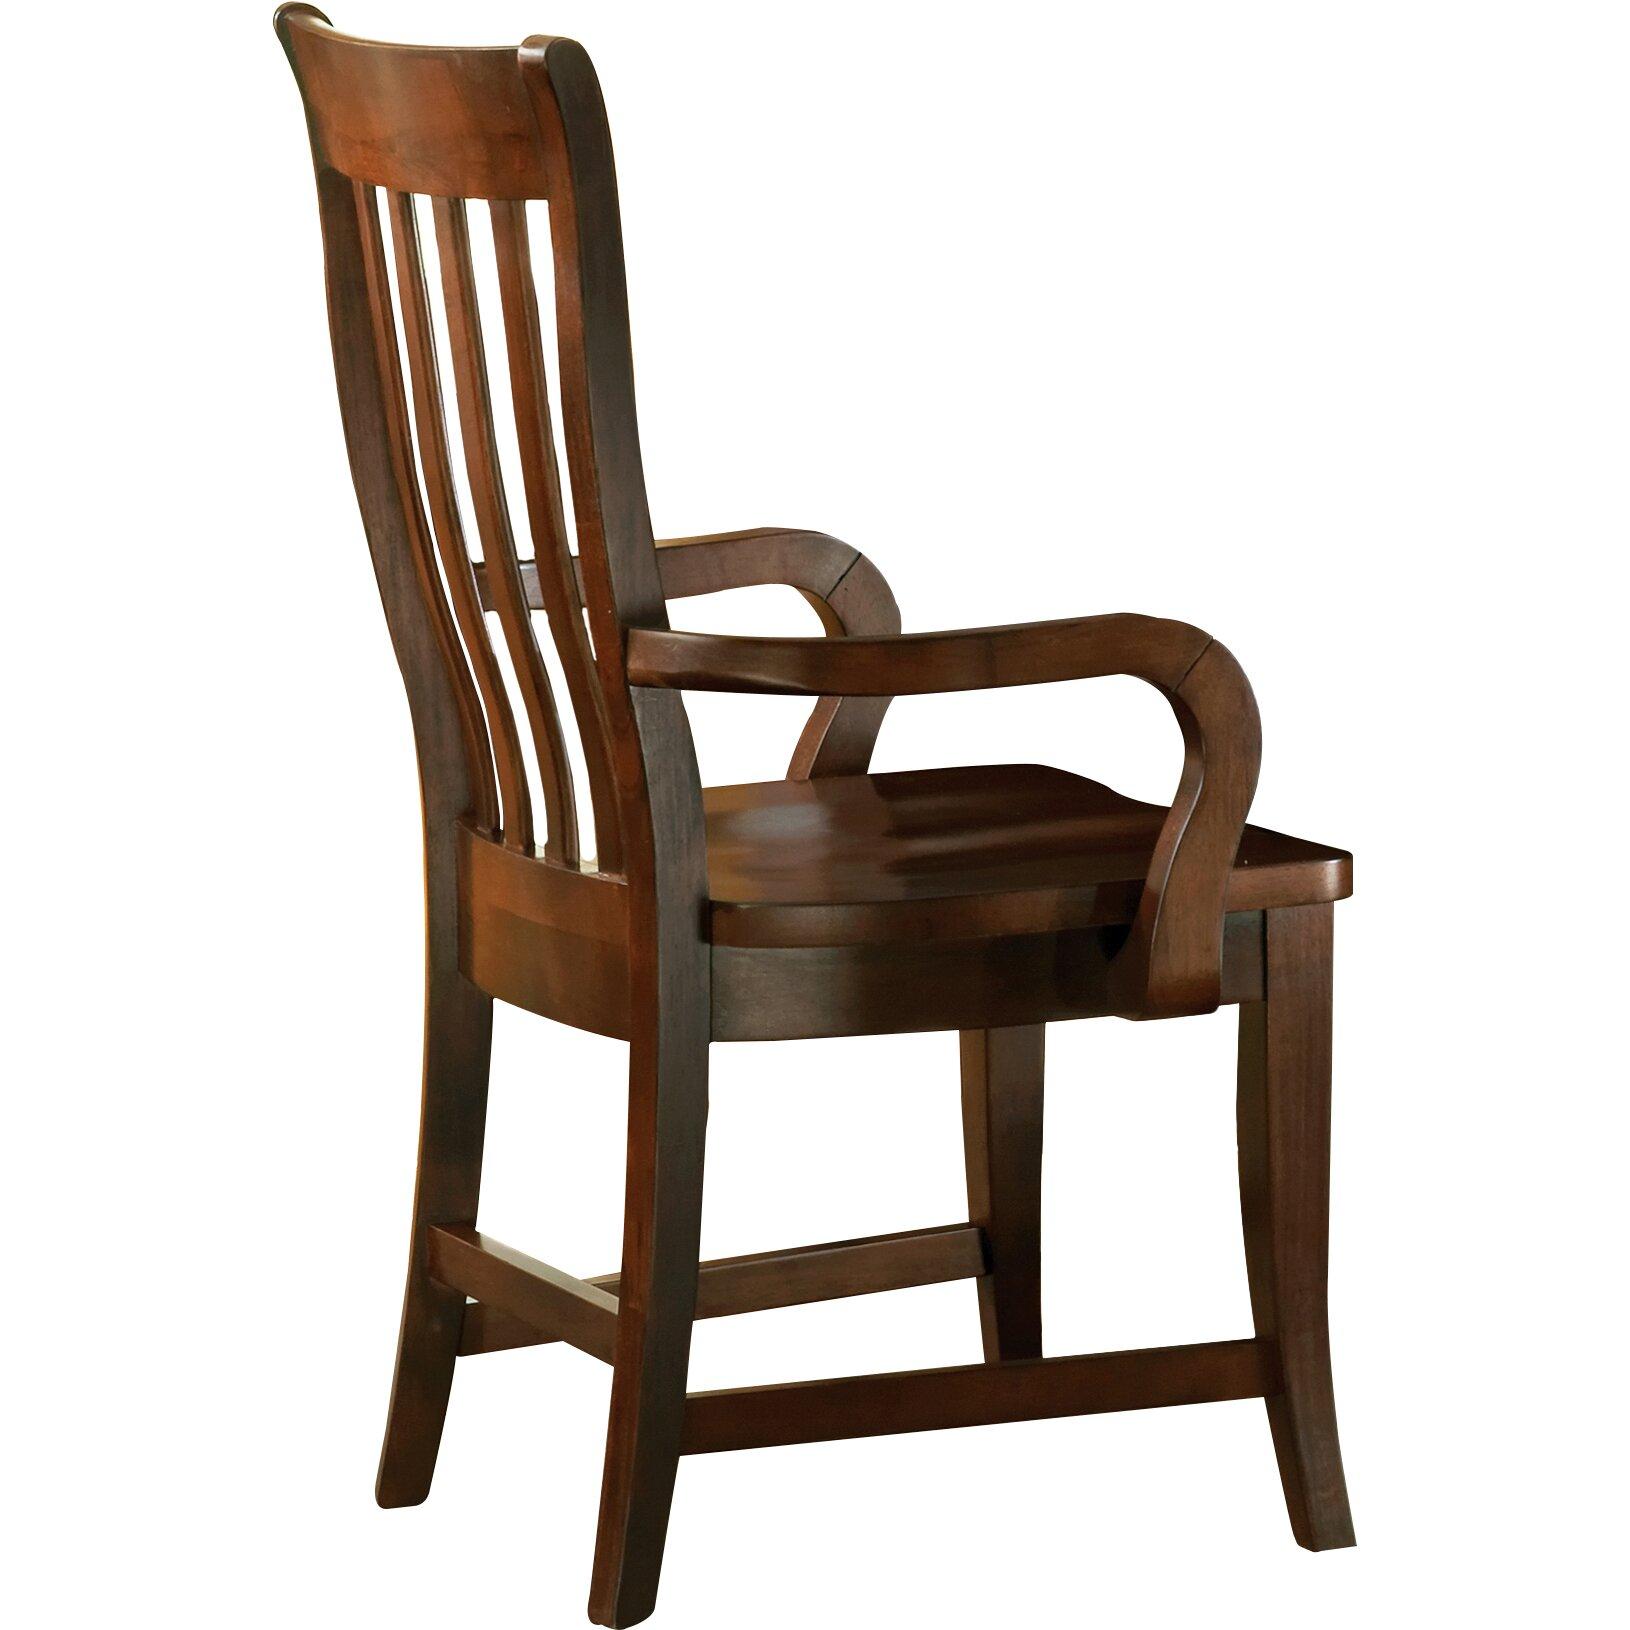 Steve Silver Furniture Bella Arm Chair Reviews Wayfair